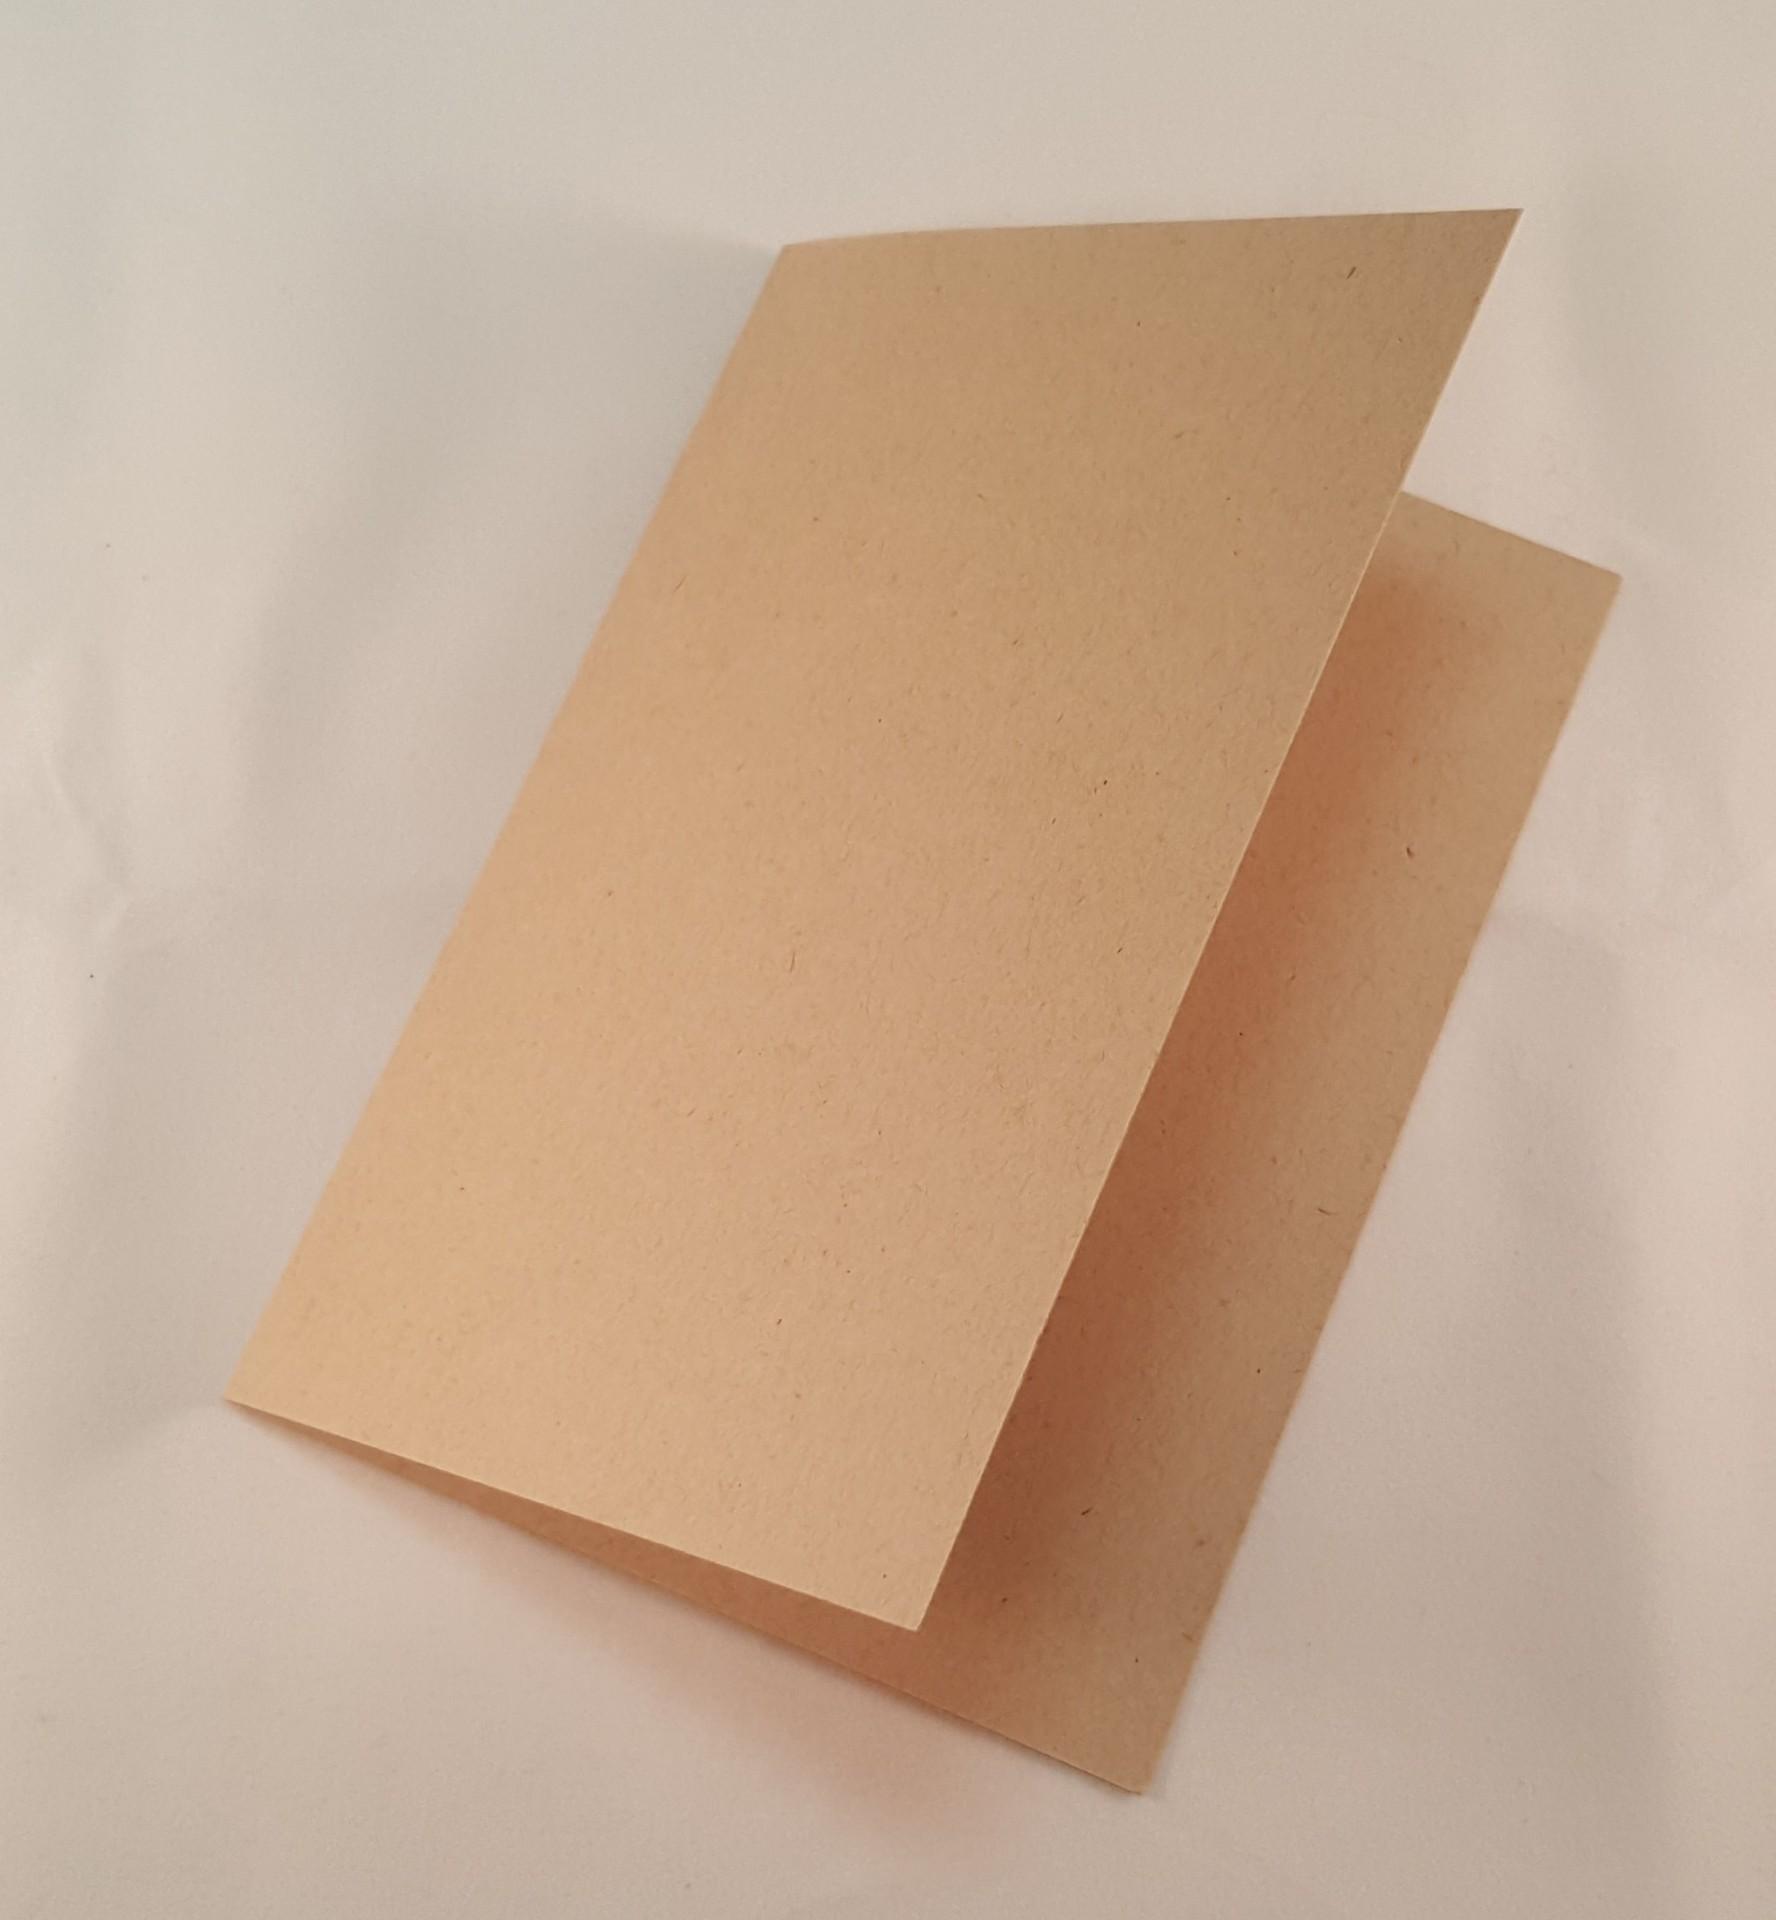 Cartão C6 colorido cor castanho claro